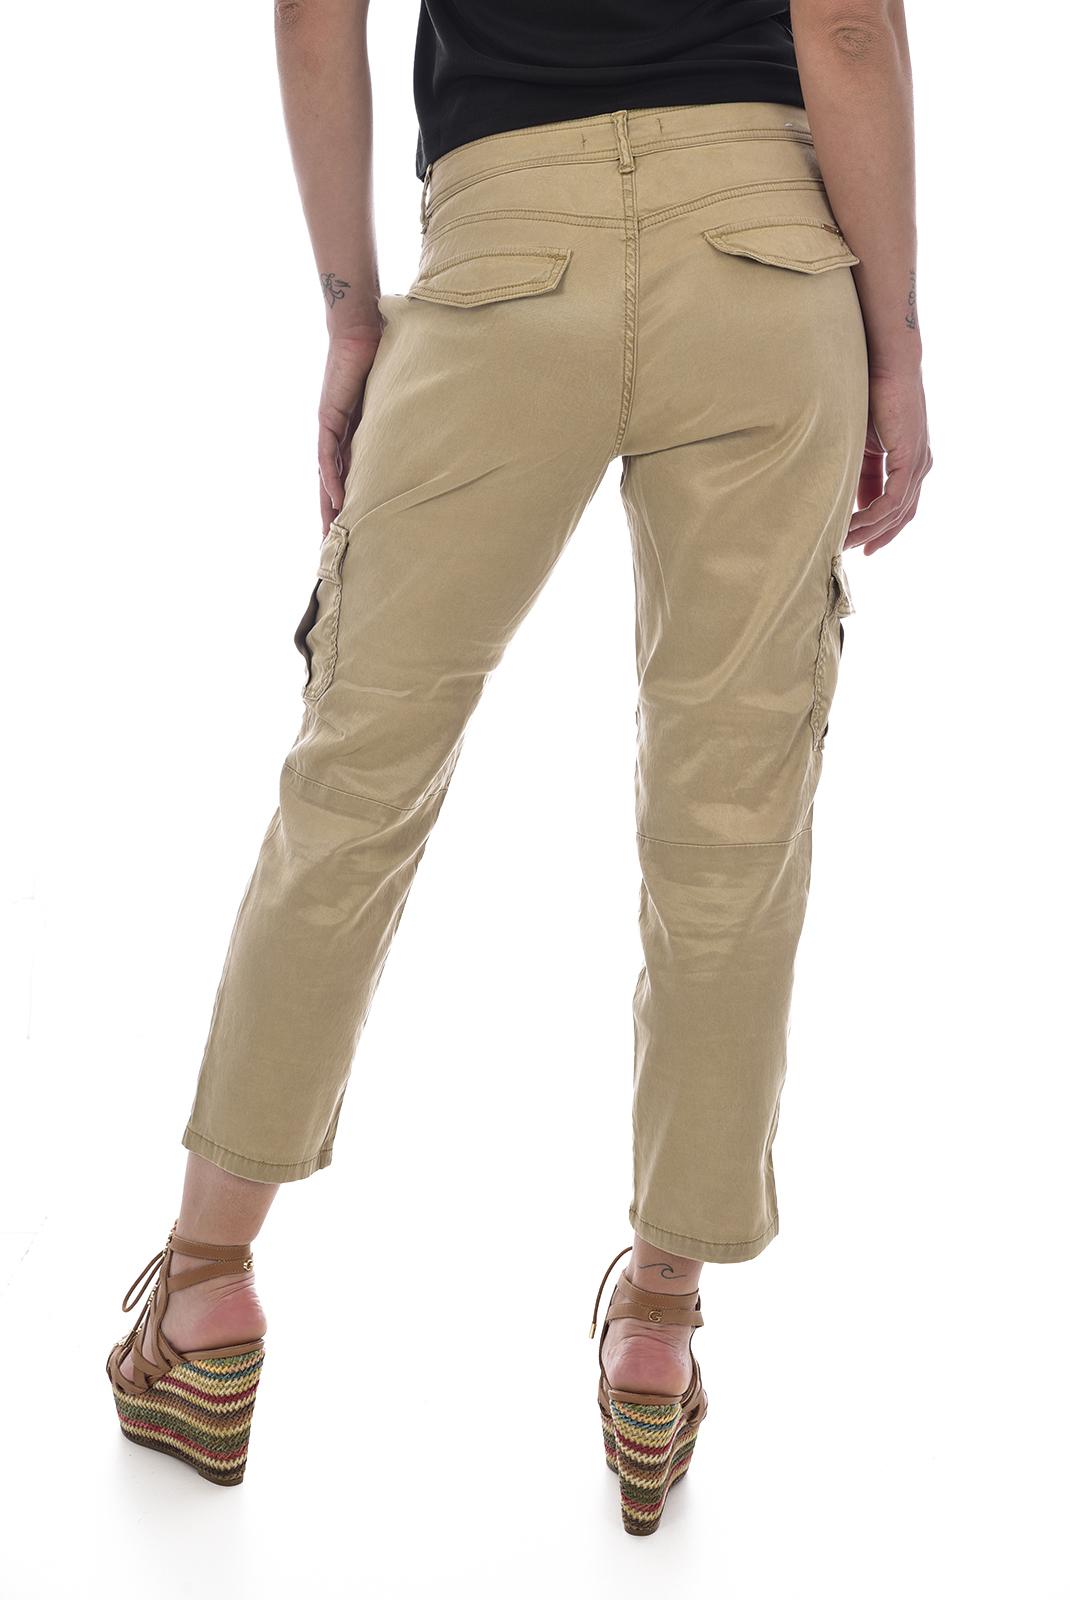 Pantalons  Guess jeans W92B37 WBFG0 G1O1 BEIGE